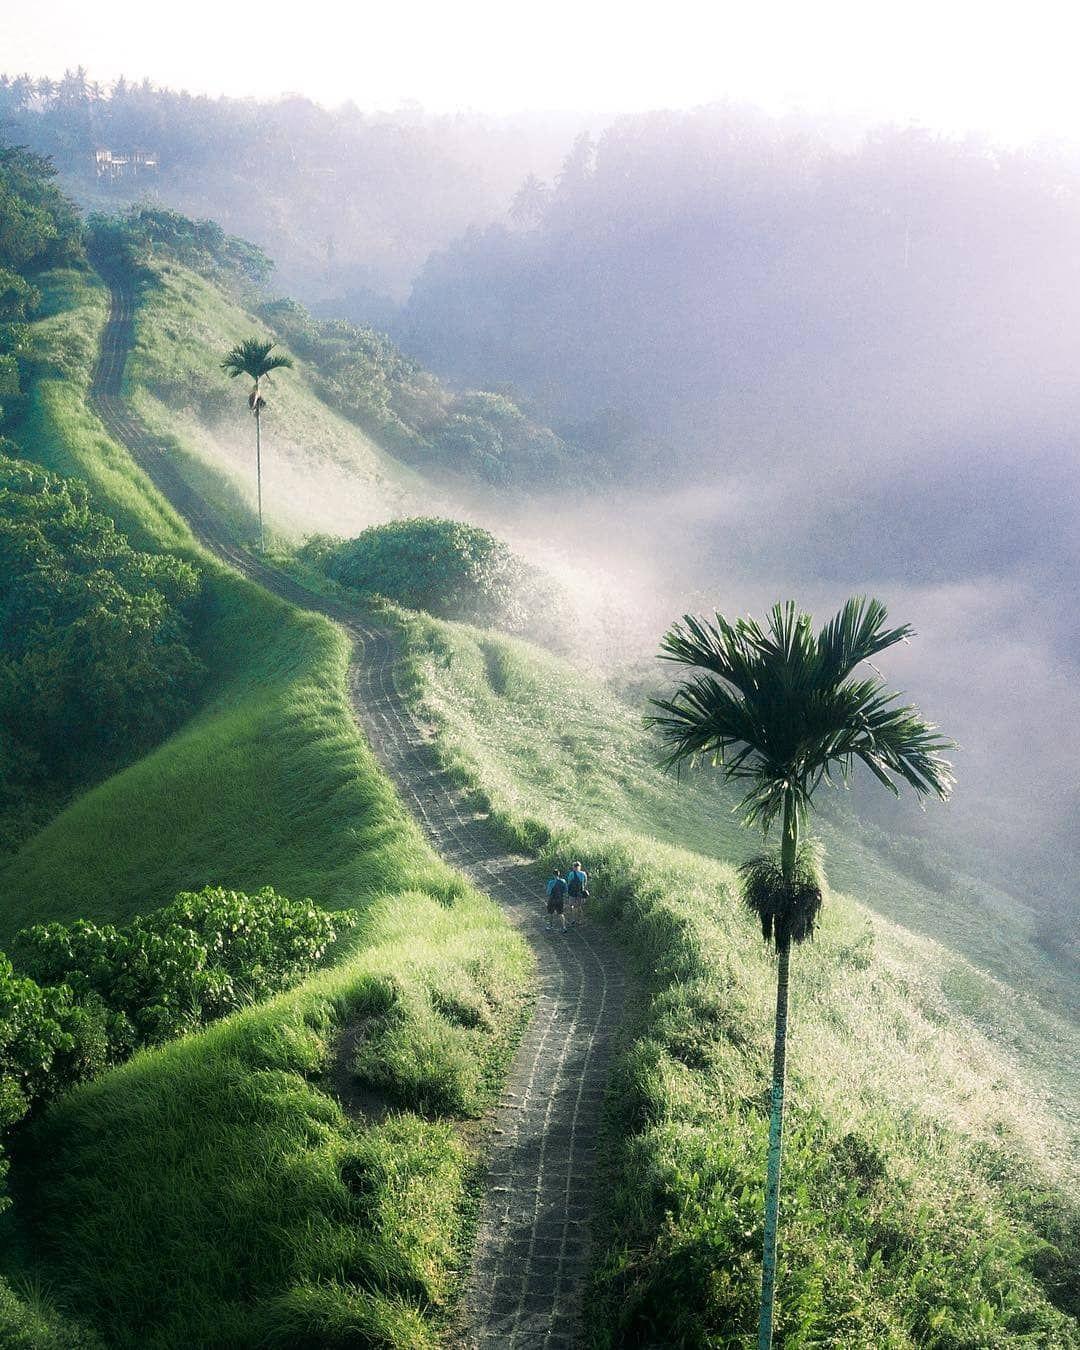 Epingle Par Dionne Bailey Sur Where I Want To Be Beautiful Places Voyage Bali Paysage Ocean Inspiration Pour Les Voyages